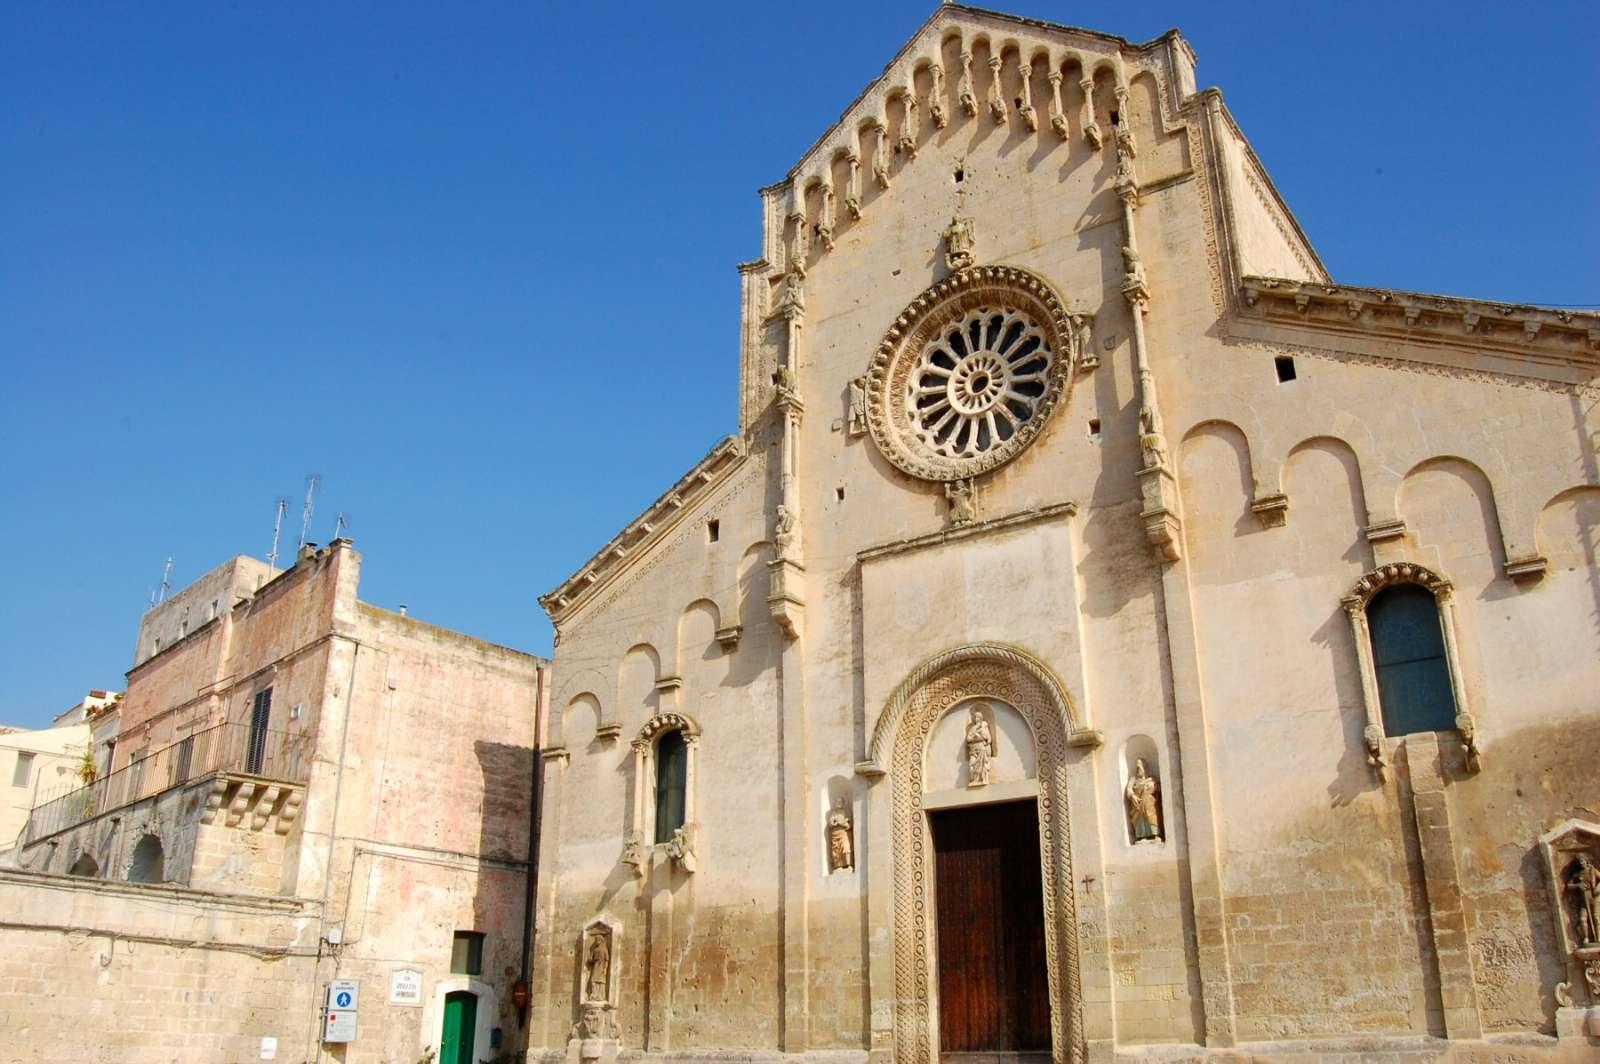 Materas apulisk-romanske Domkirke